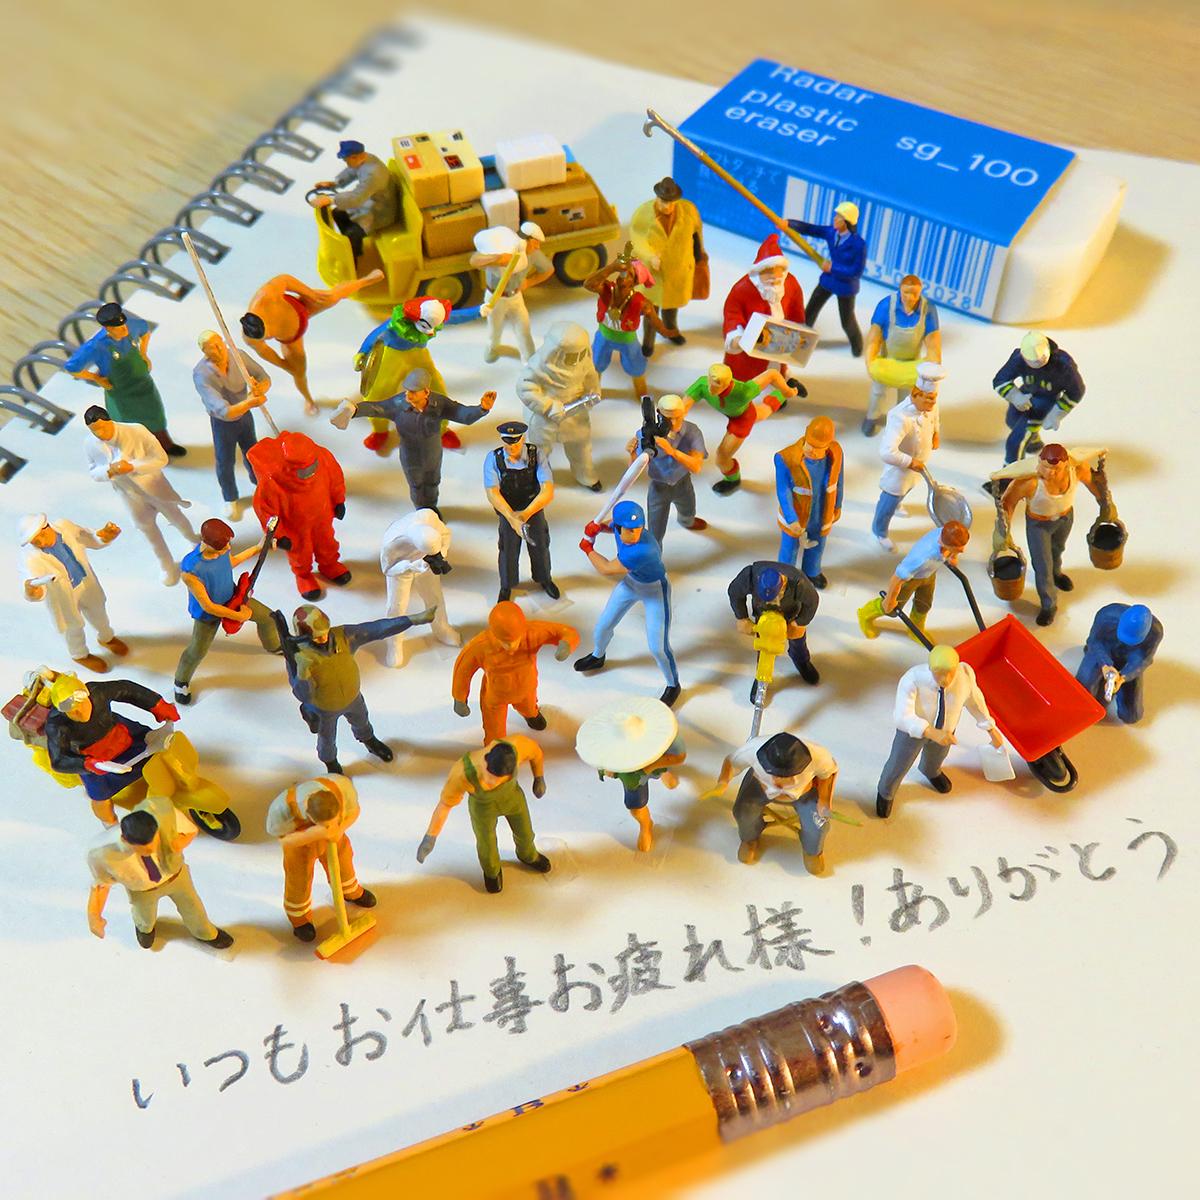 11月23日は勤労感謝の日!いつもお仕事お疲れ様です!ありがとうございまッス!